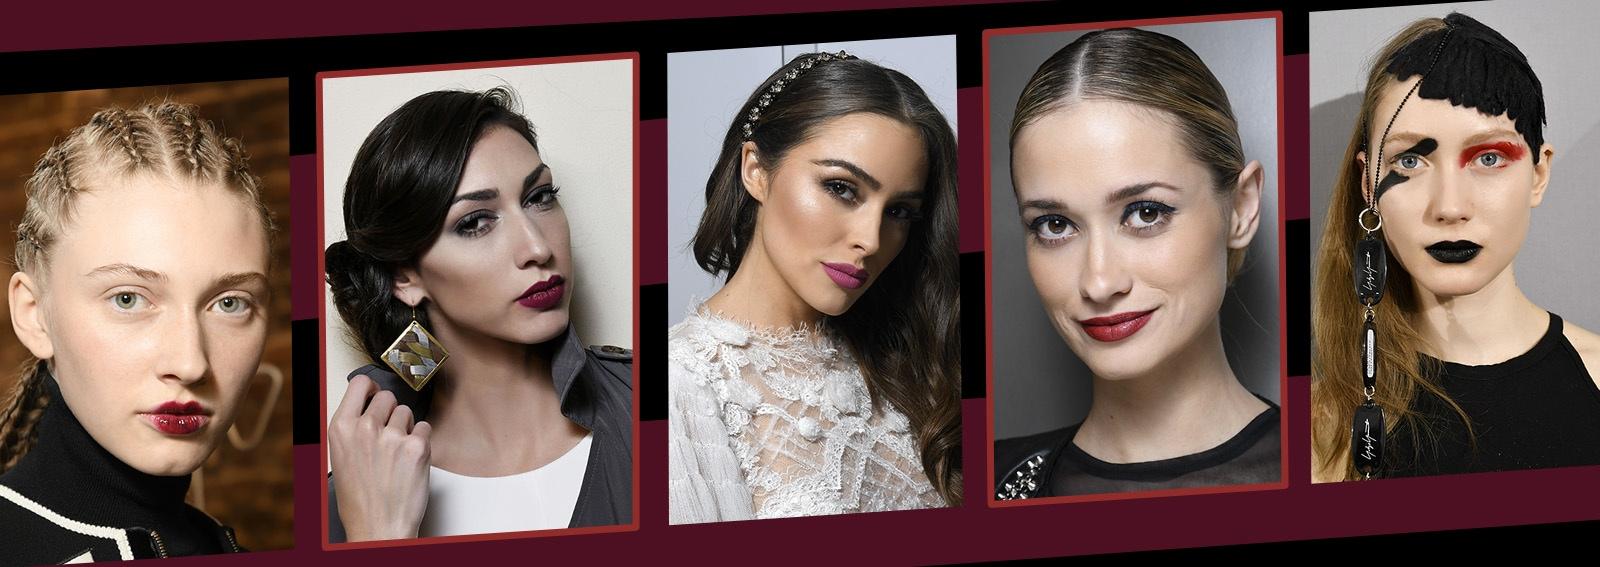 labbra dark da sfilata il trend rossetto scuro autunno inverno 2017 2018 collage_desktop